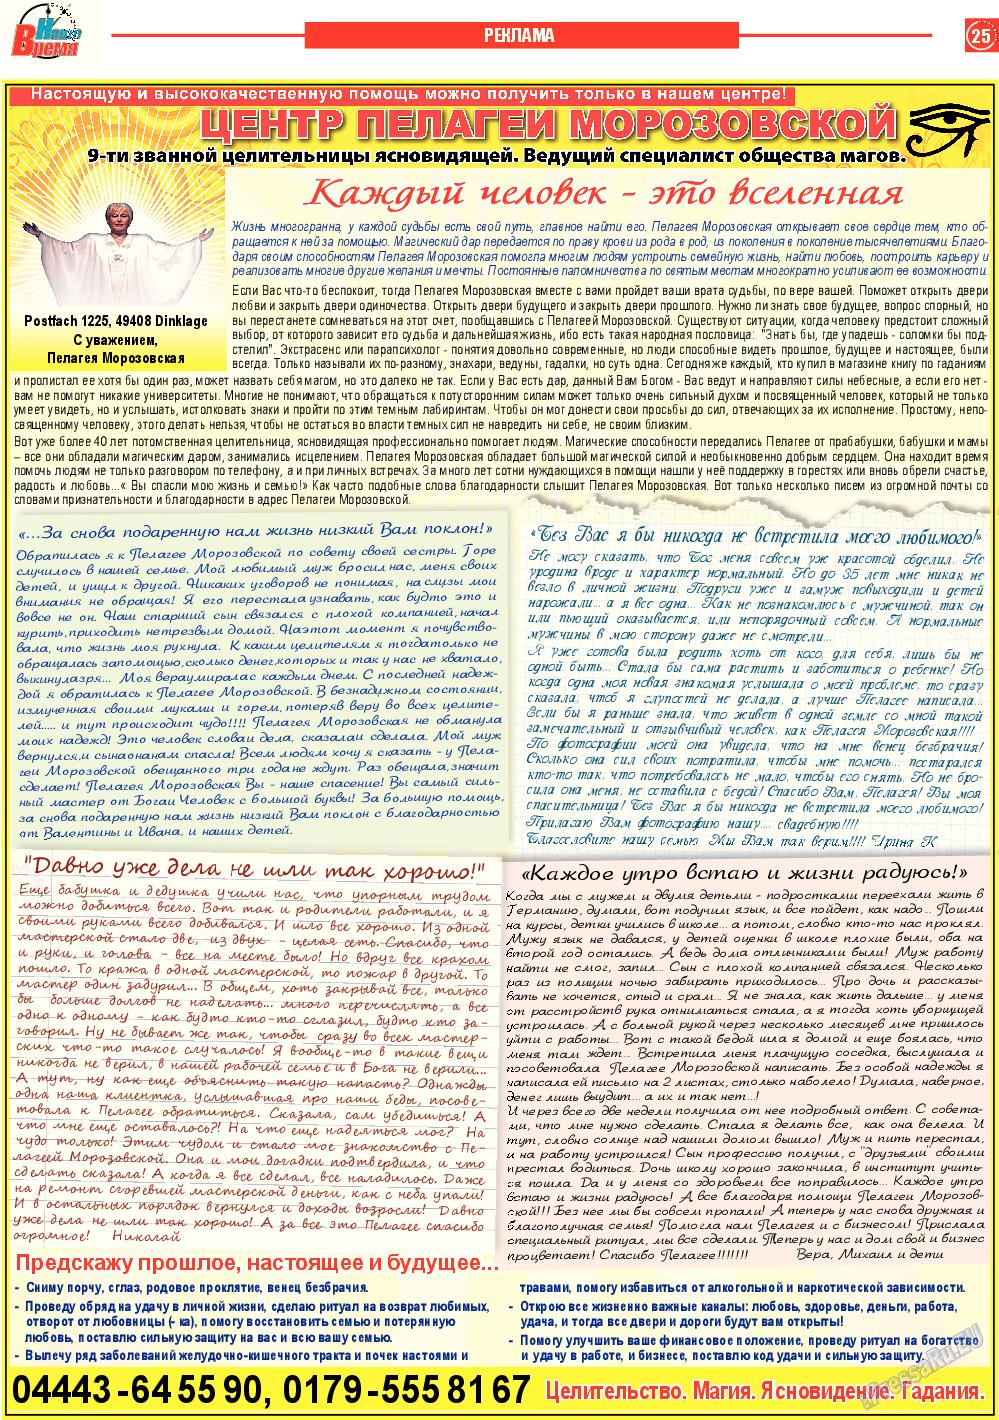 Наше время (газета). 2014 год, номер 11, стр. 25